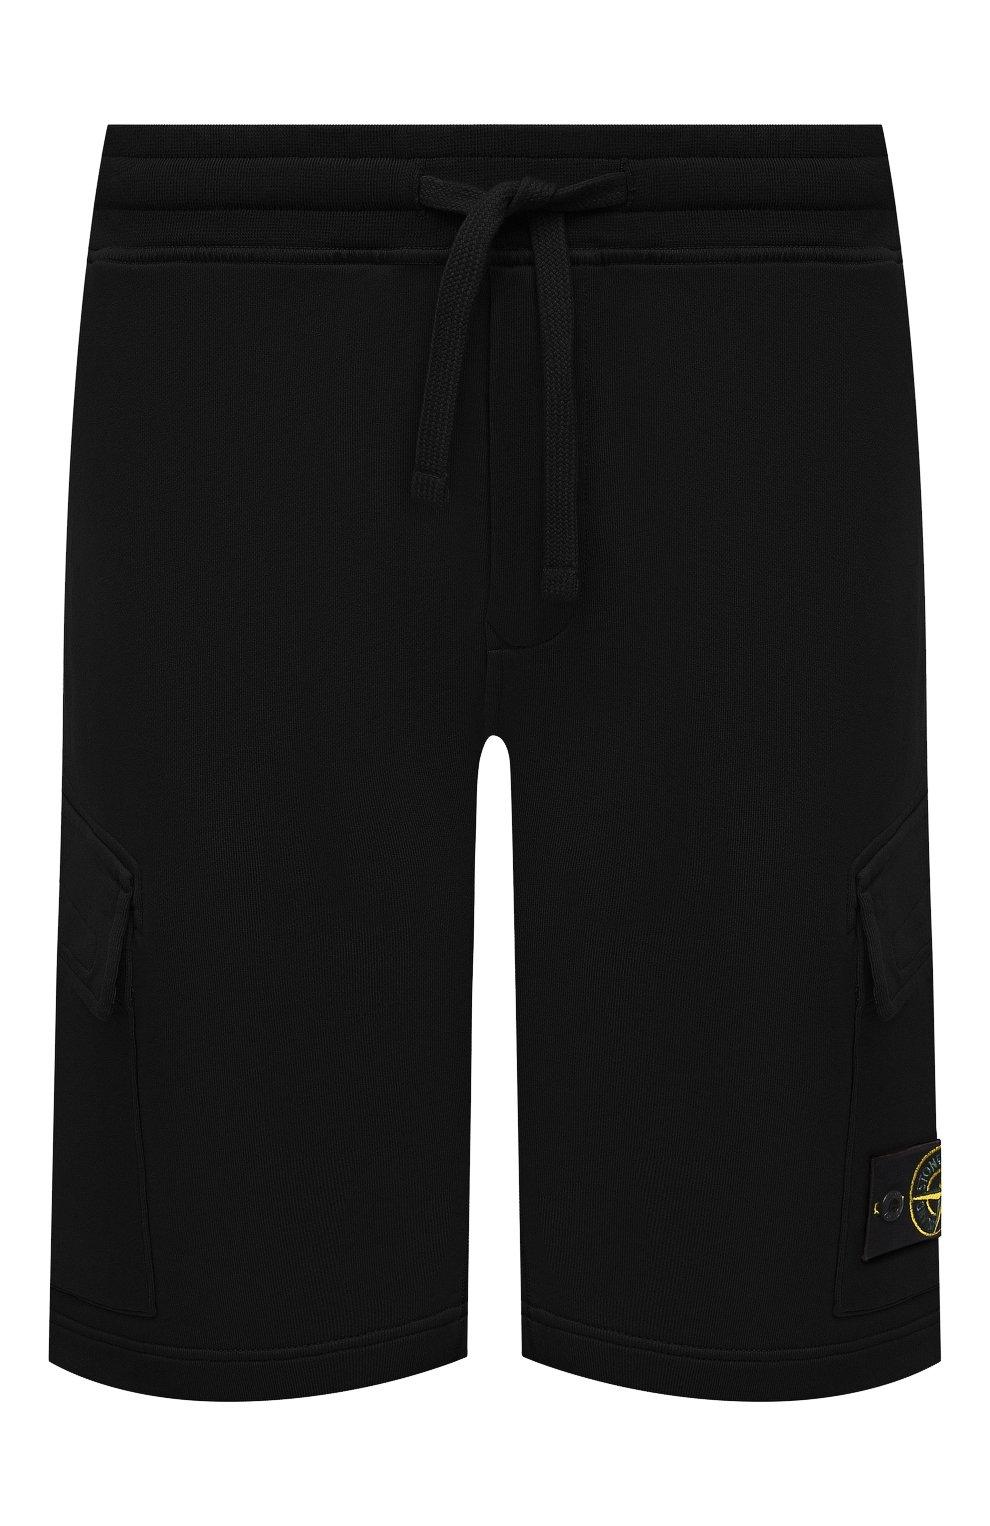 Мужские хлопковые шорты STONE ISLAND черного цвета, арт. 741565651   Фото 1 (Длина Шорты М: До колена; Принт: Без принта; Кросс-КТ: Трикотаж; Материал внешний: Хлопок; Стили: Спорт-шик)